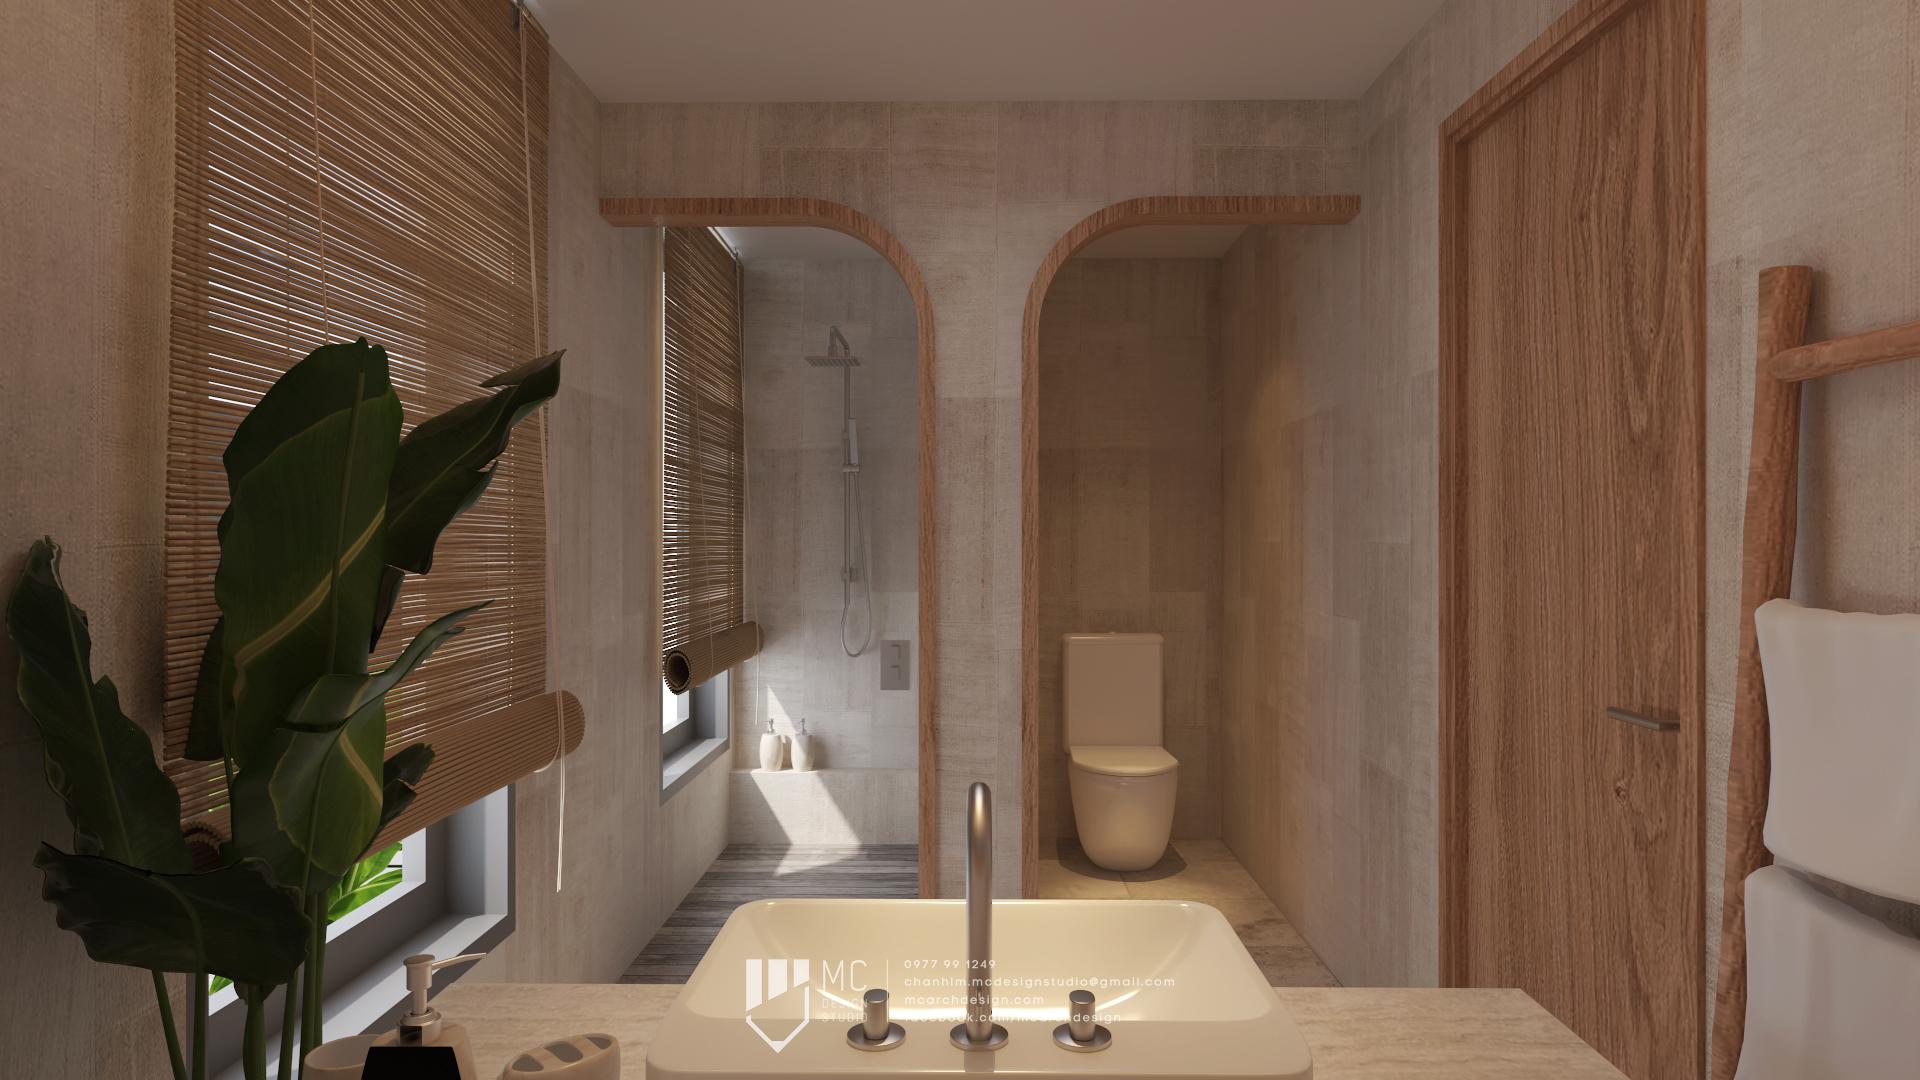 Thiết kế nội thất Biệt Thự tại Đắk Lắk BM House 1590741708 14